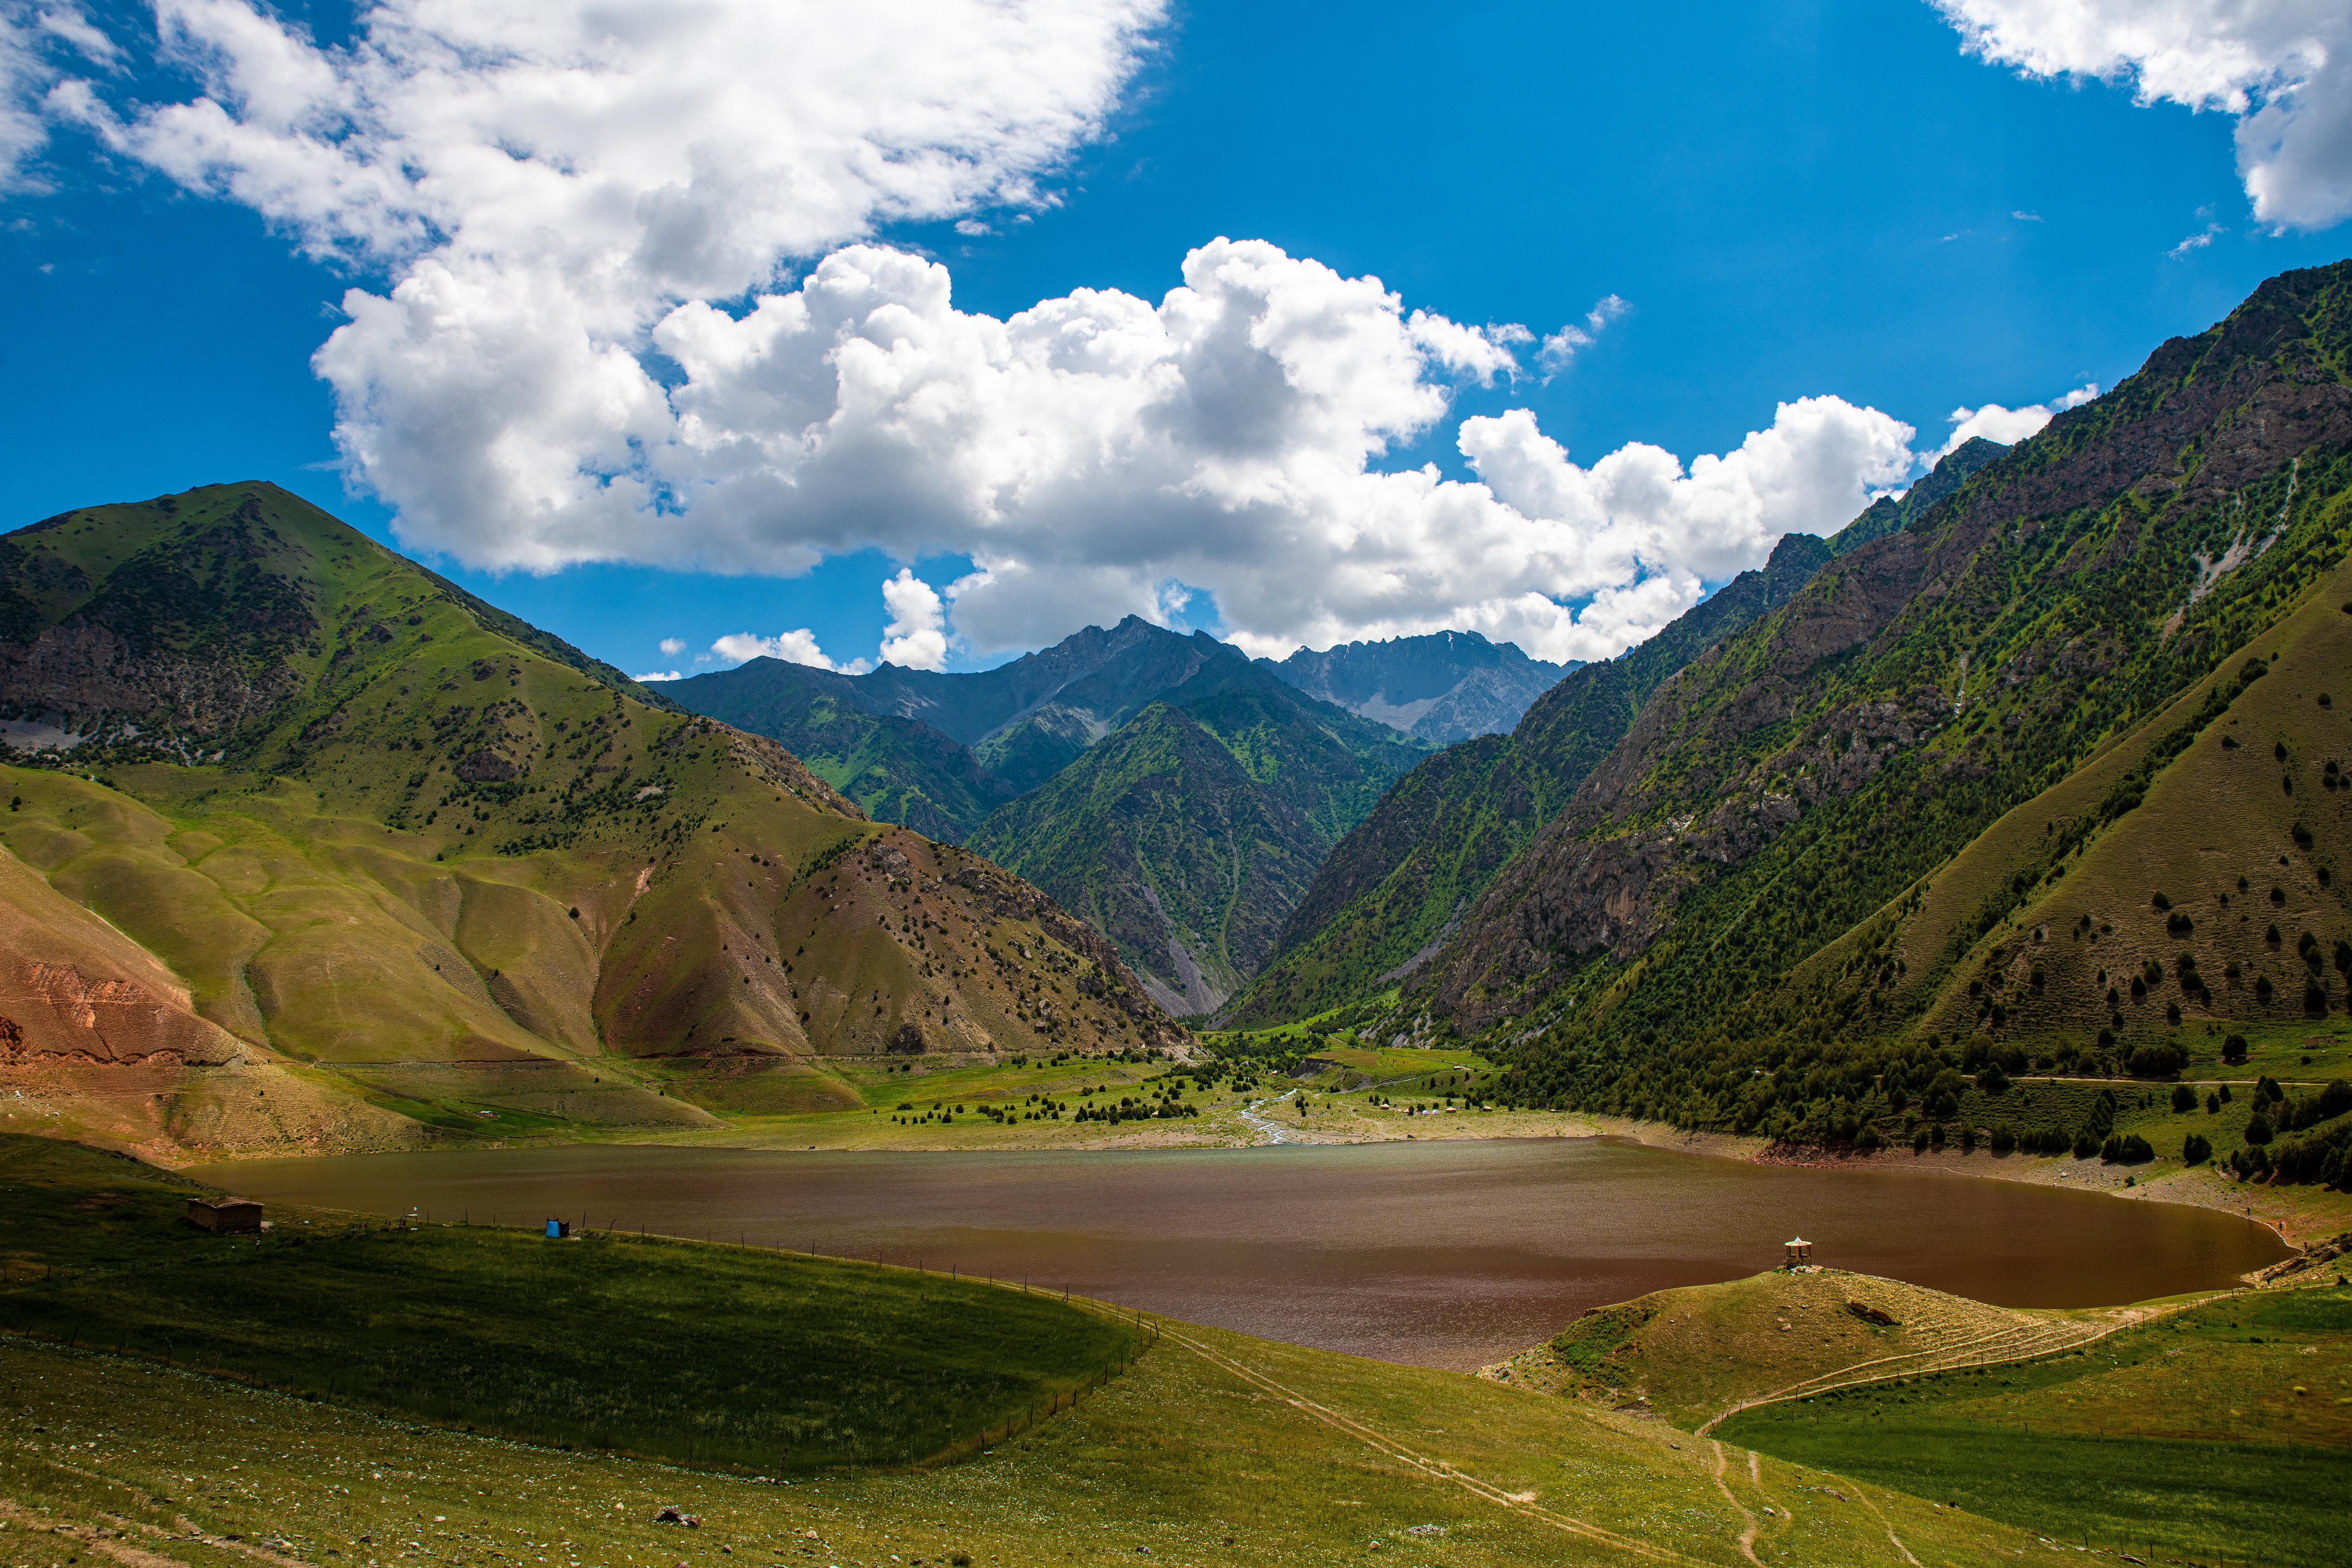 Foto Kyrgyzstan Natur Gebirge See Landschaftsfotografie Wolke Berg